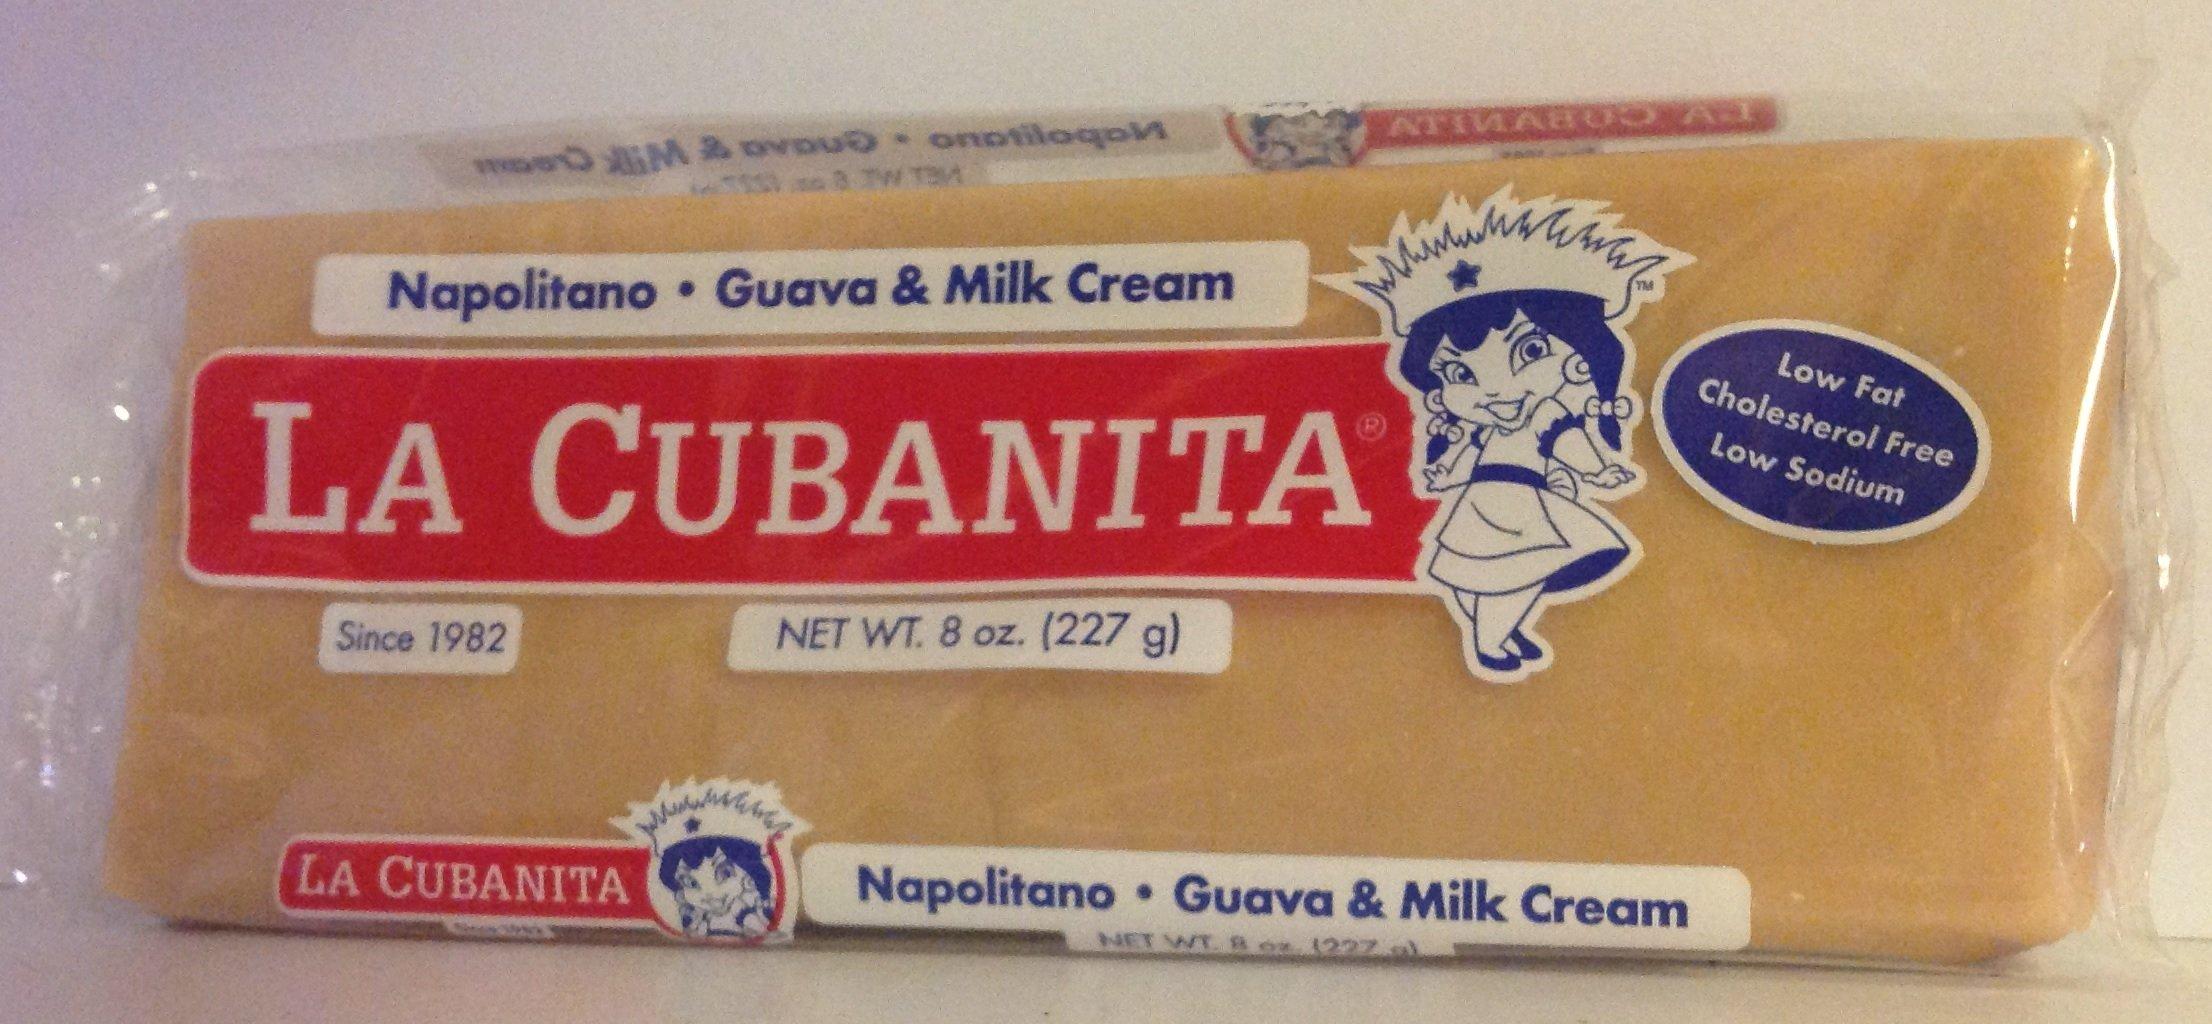 La Cubanita Napolitano Guava & Milk Cream / Guayaba Con Crema 8 Oz (Pack of